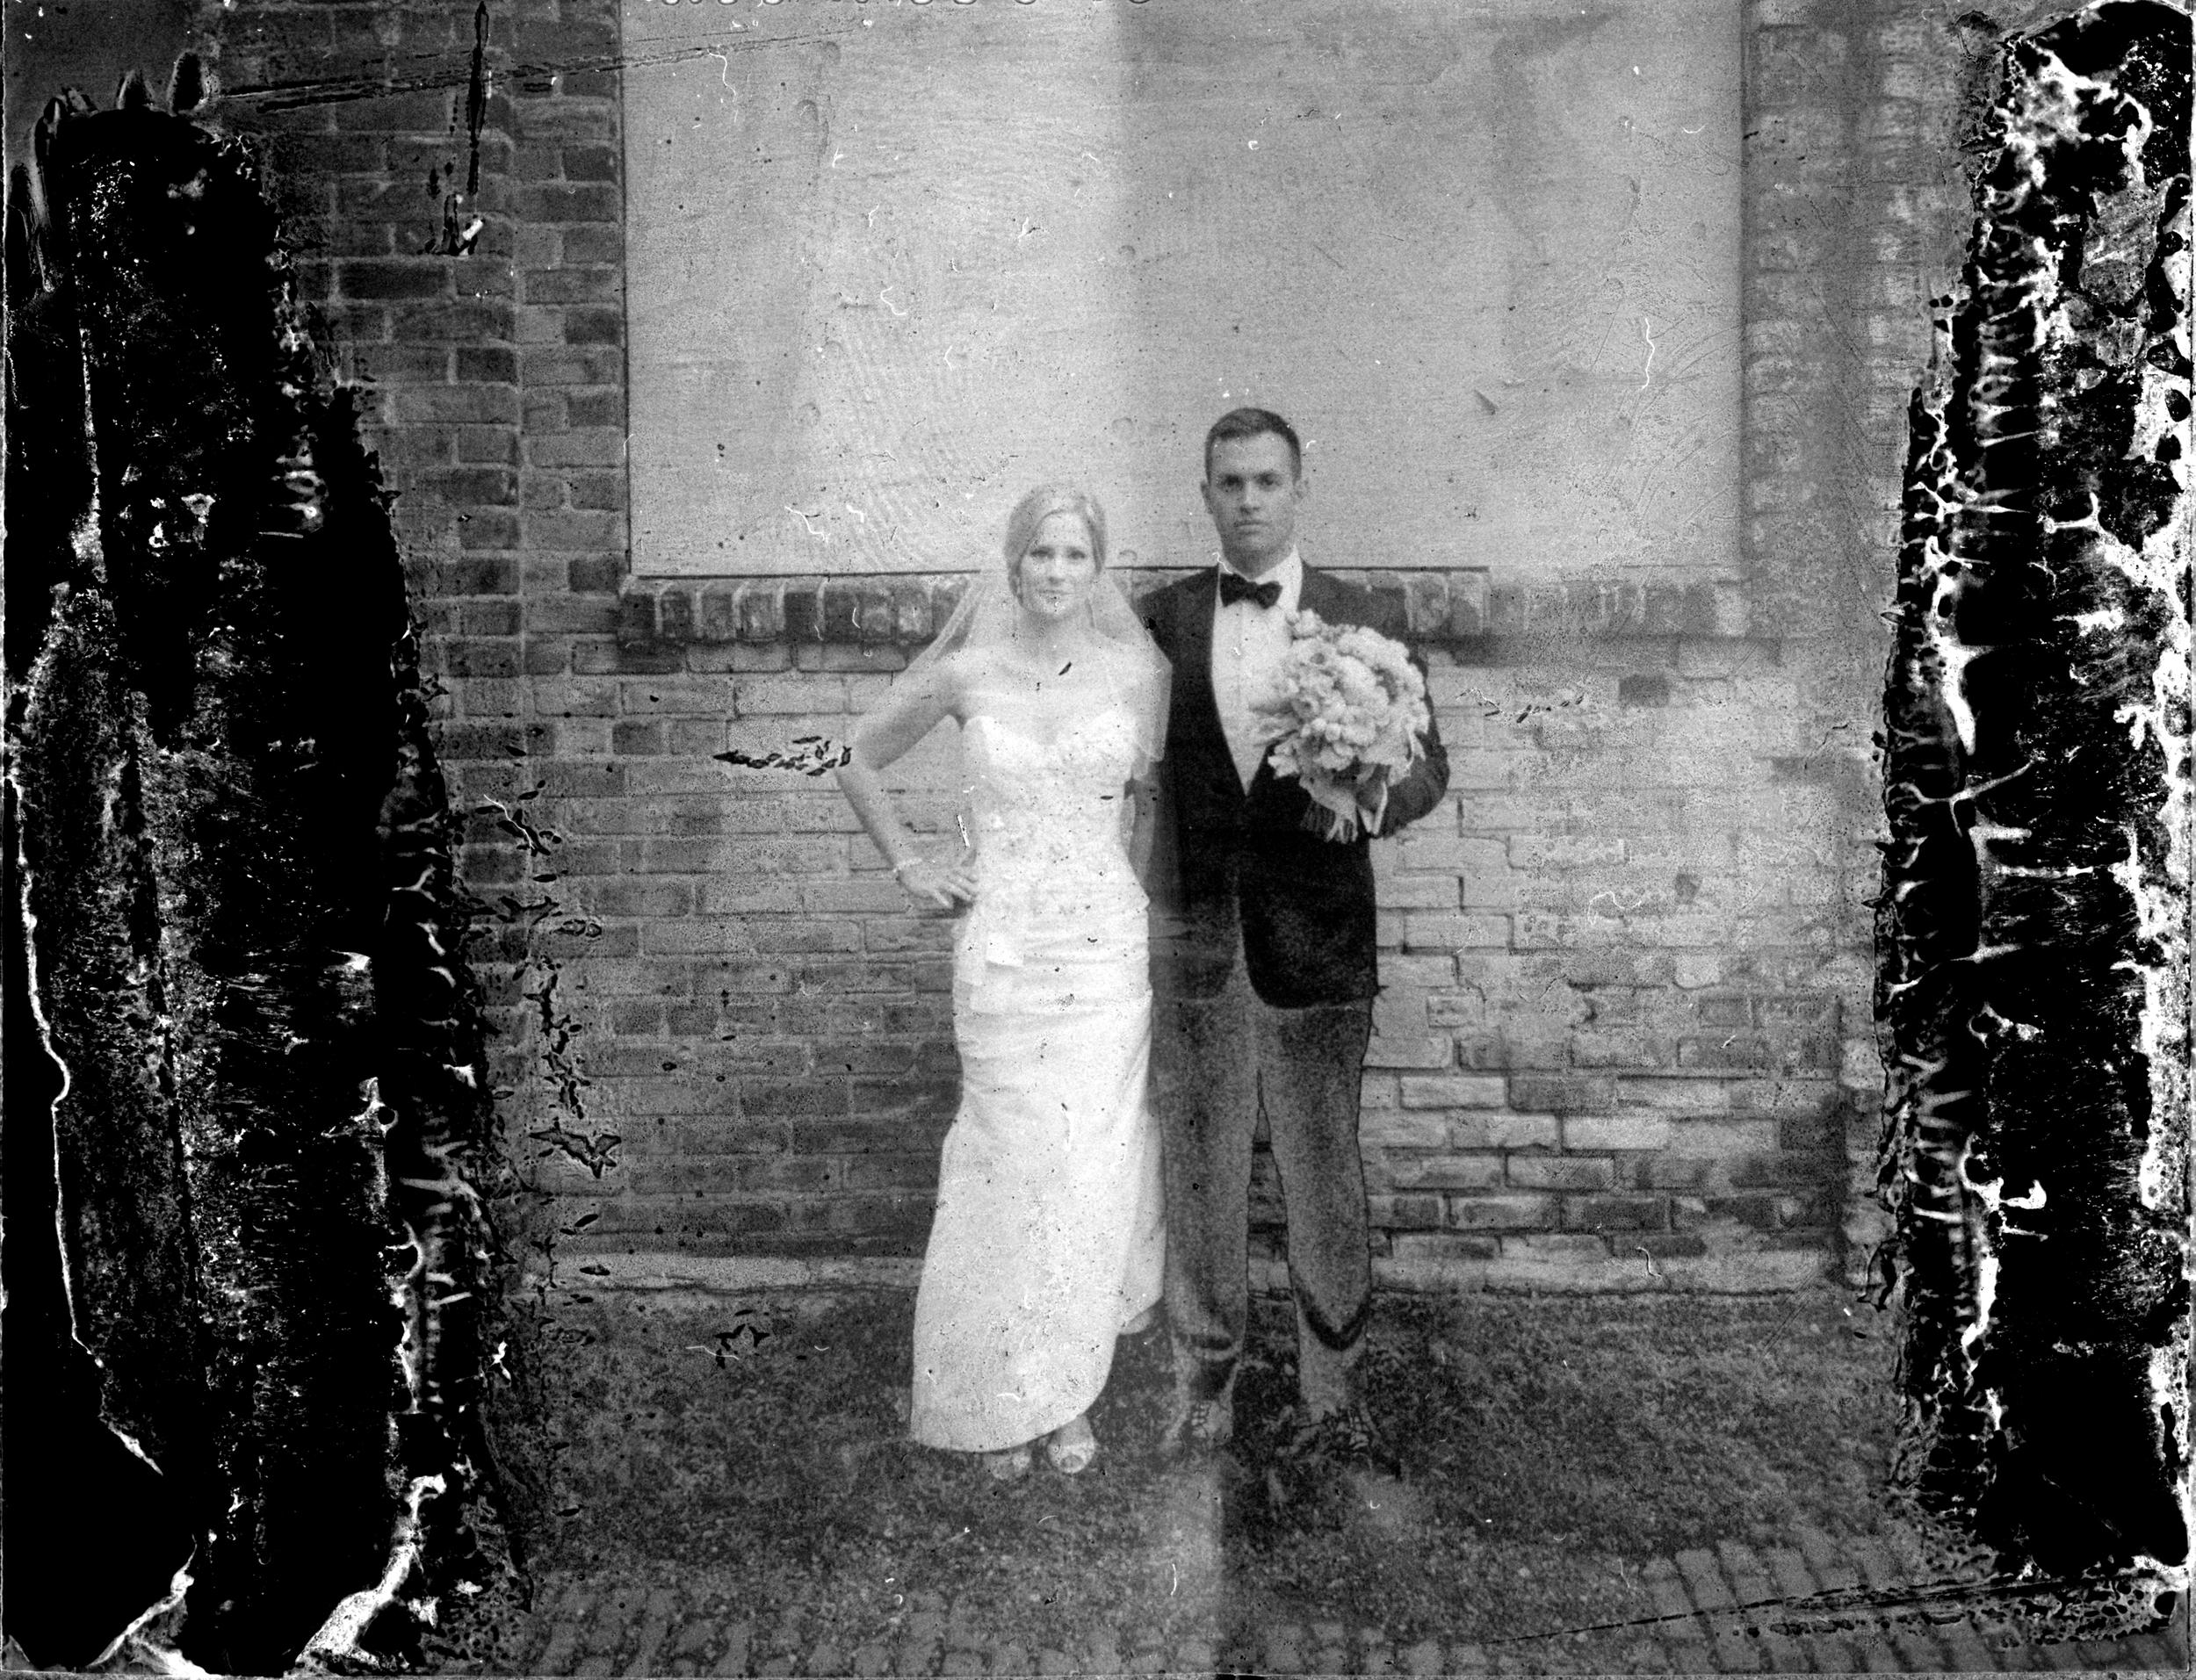 FredKellyWed Polaroid neg 004.jpg